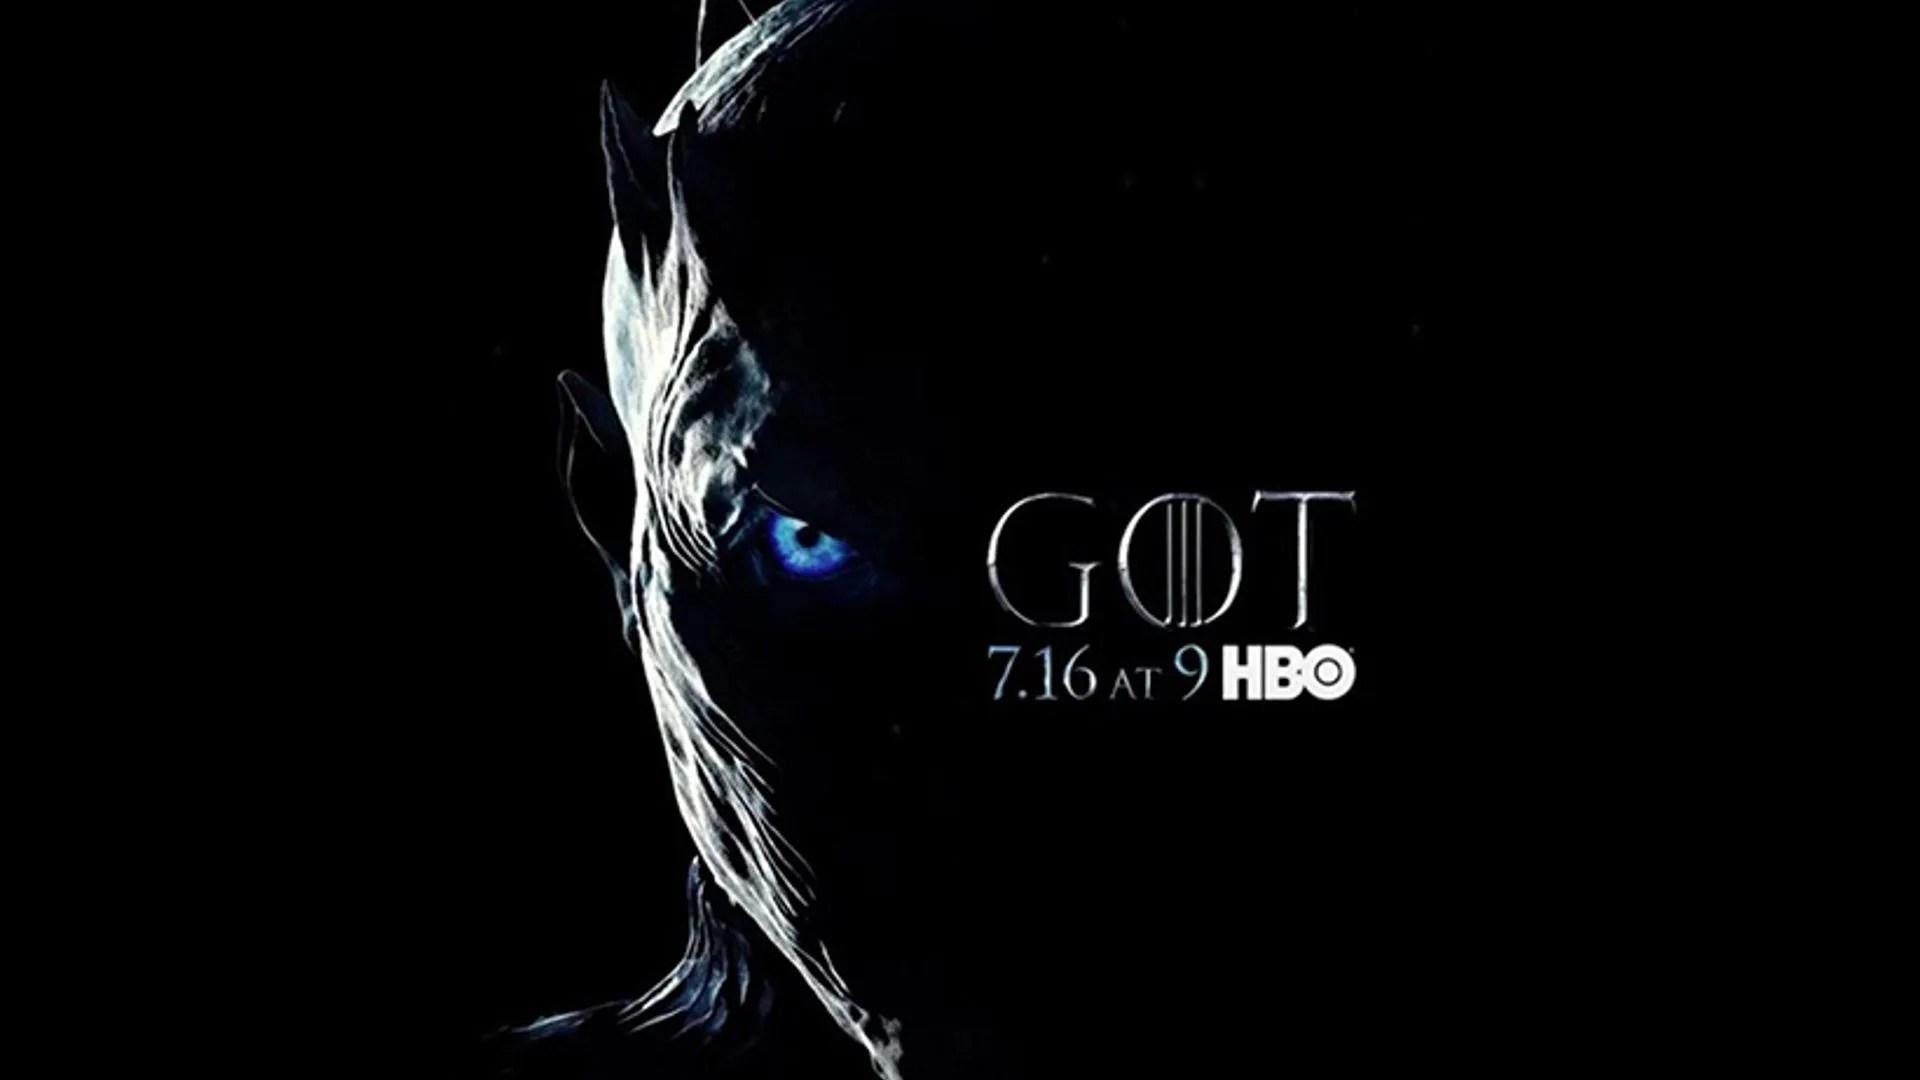 Shivaji Maharaj Full Hd Wallpaper Game Of Thrones Releases Creepy White Walker Teaser